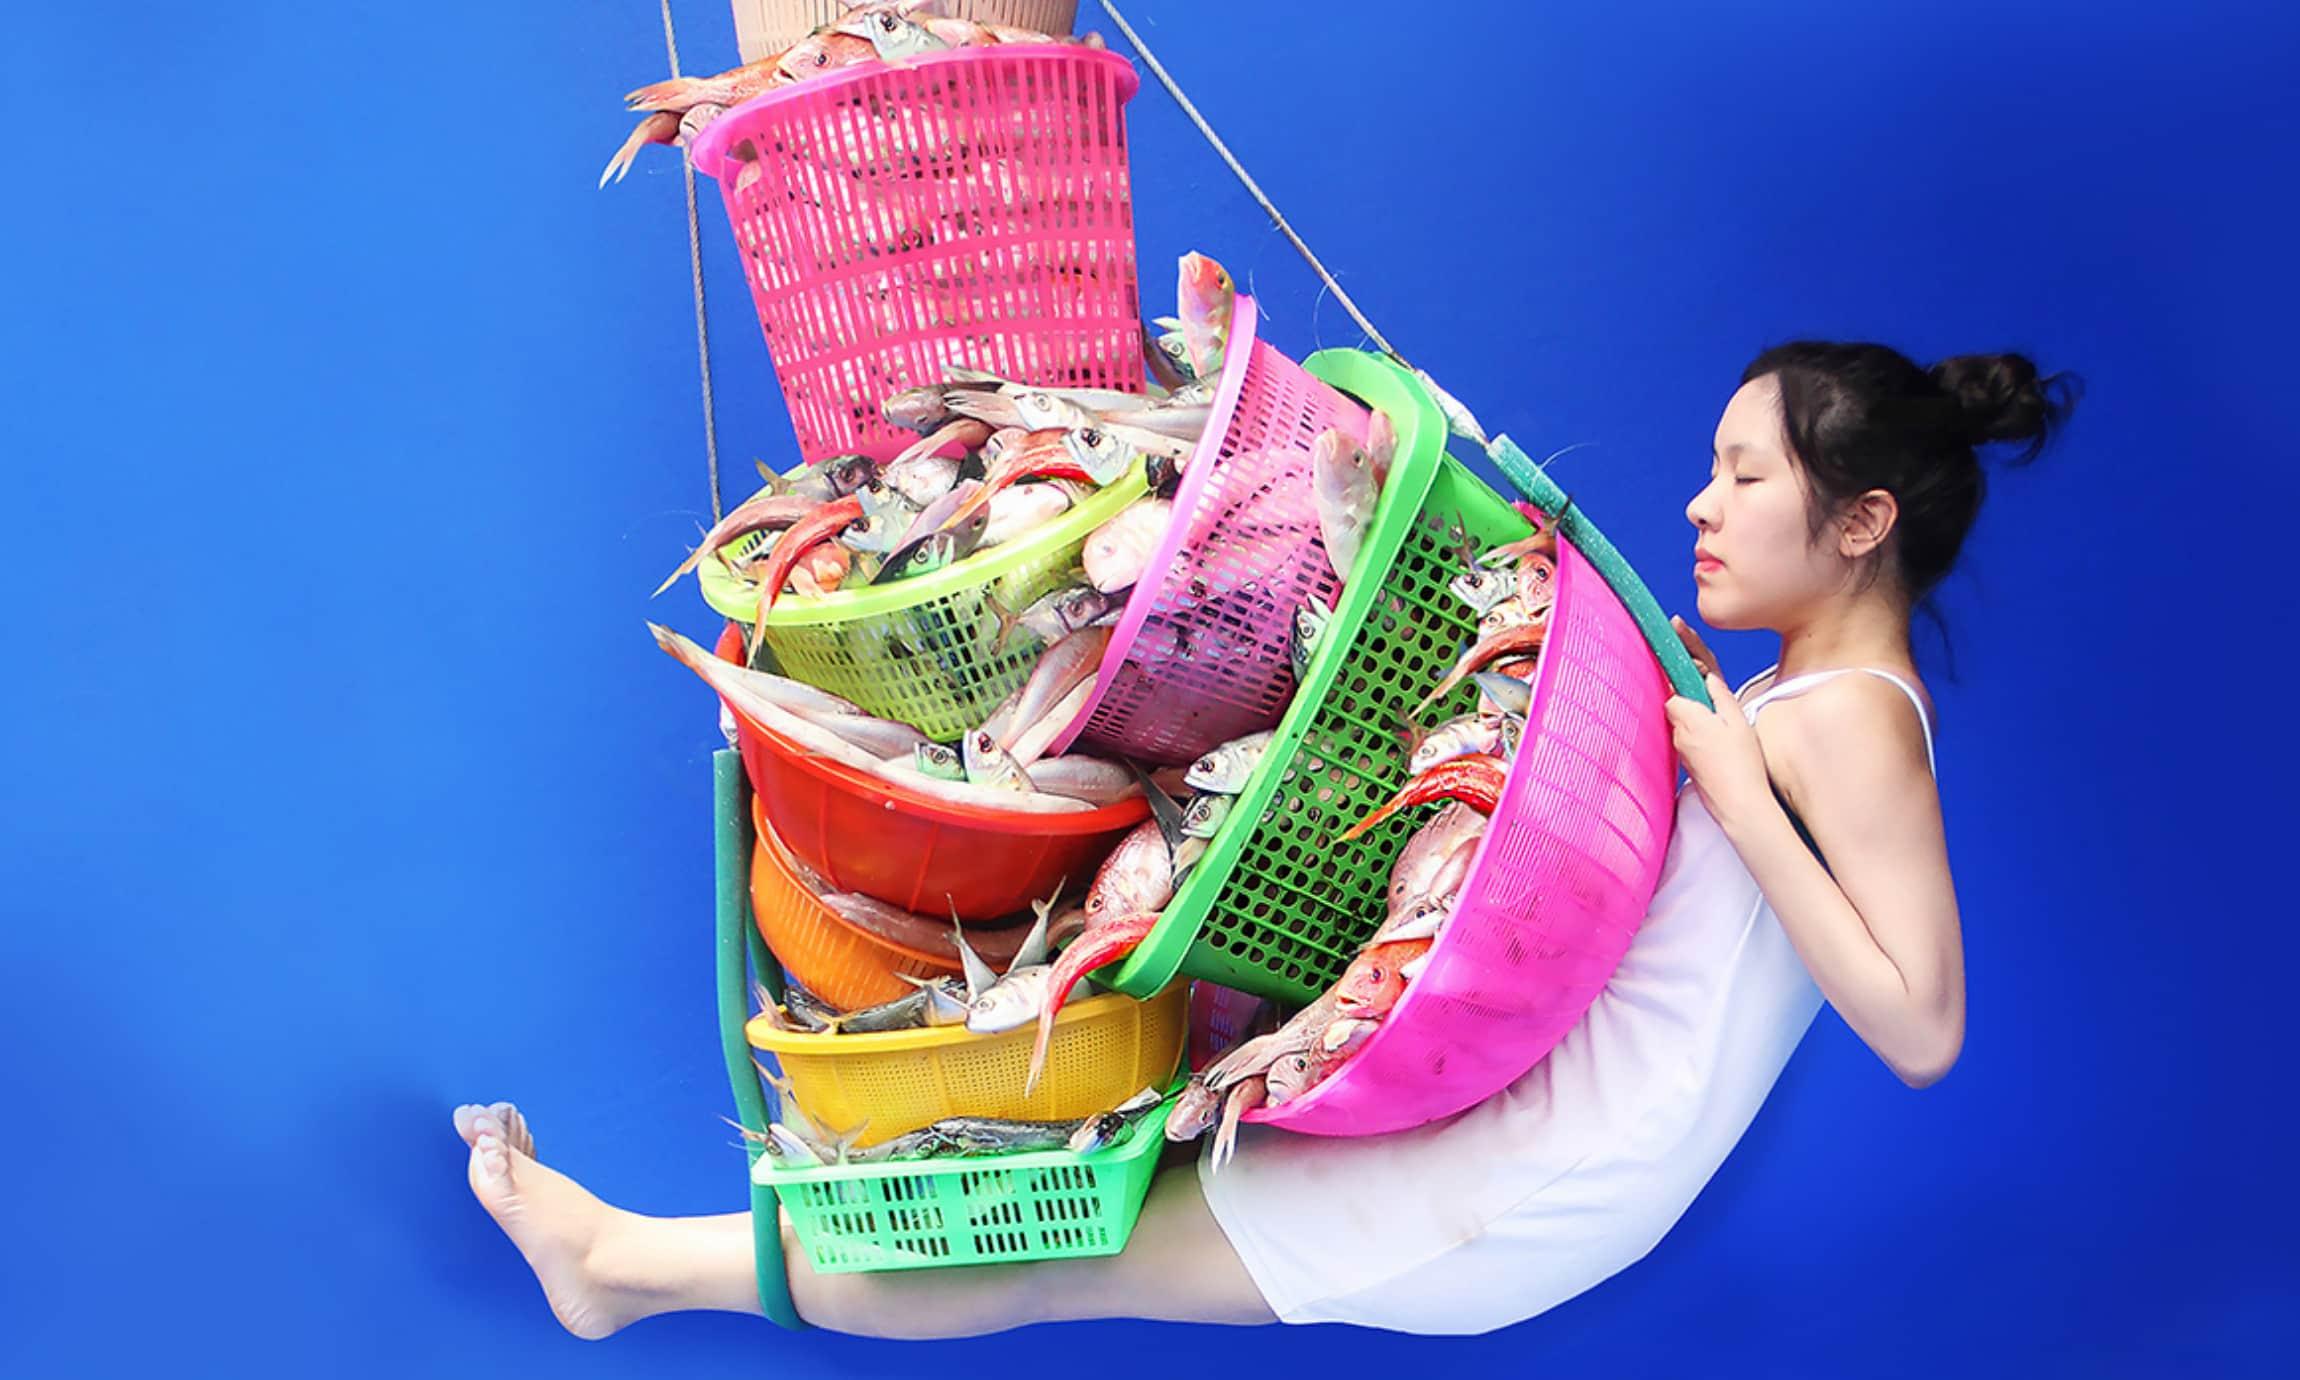 Colour Blocking Into Equality With the Thai-Australian Artist Kawita Vatanajyankur